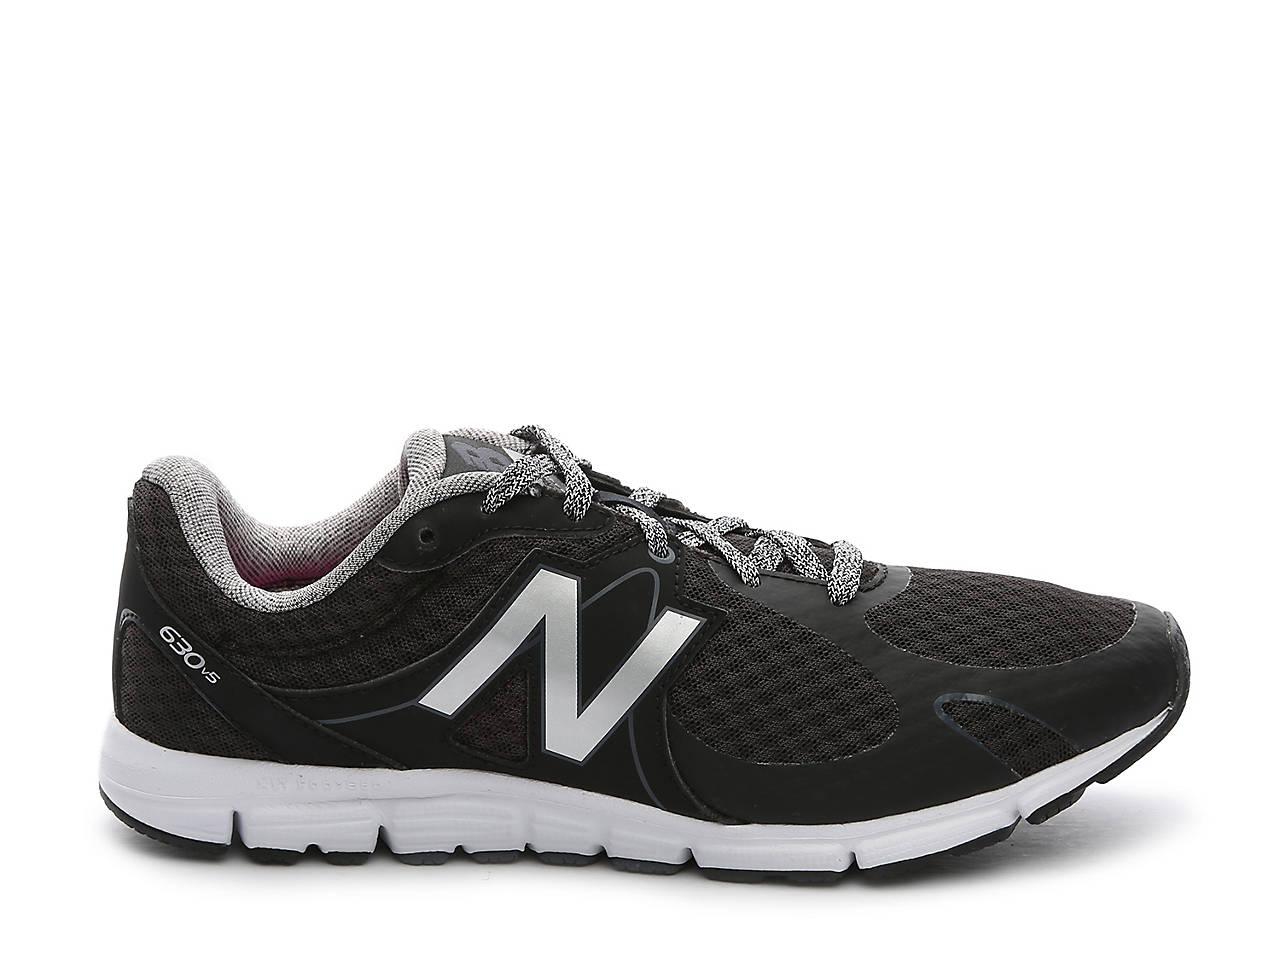 new balance 630 v5 lightweight running shoe - women's